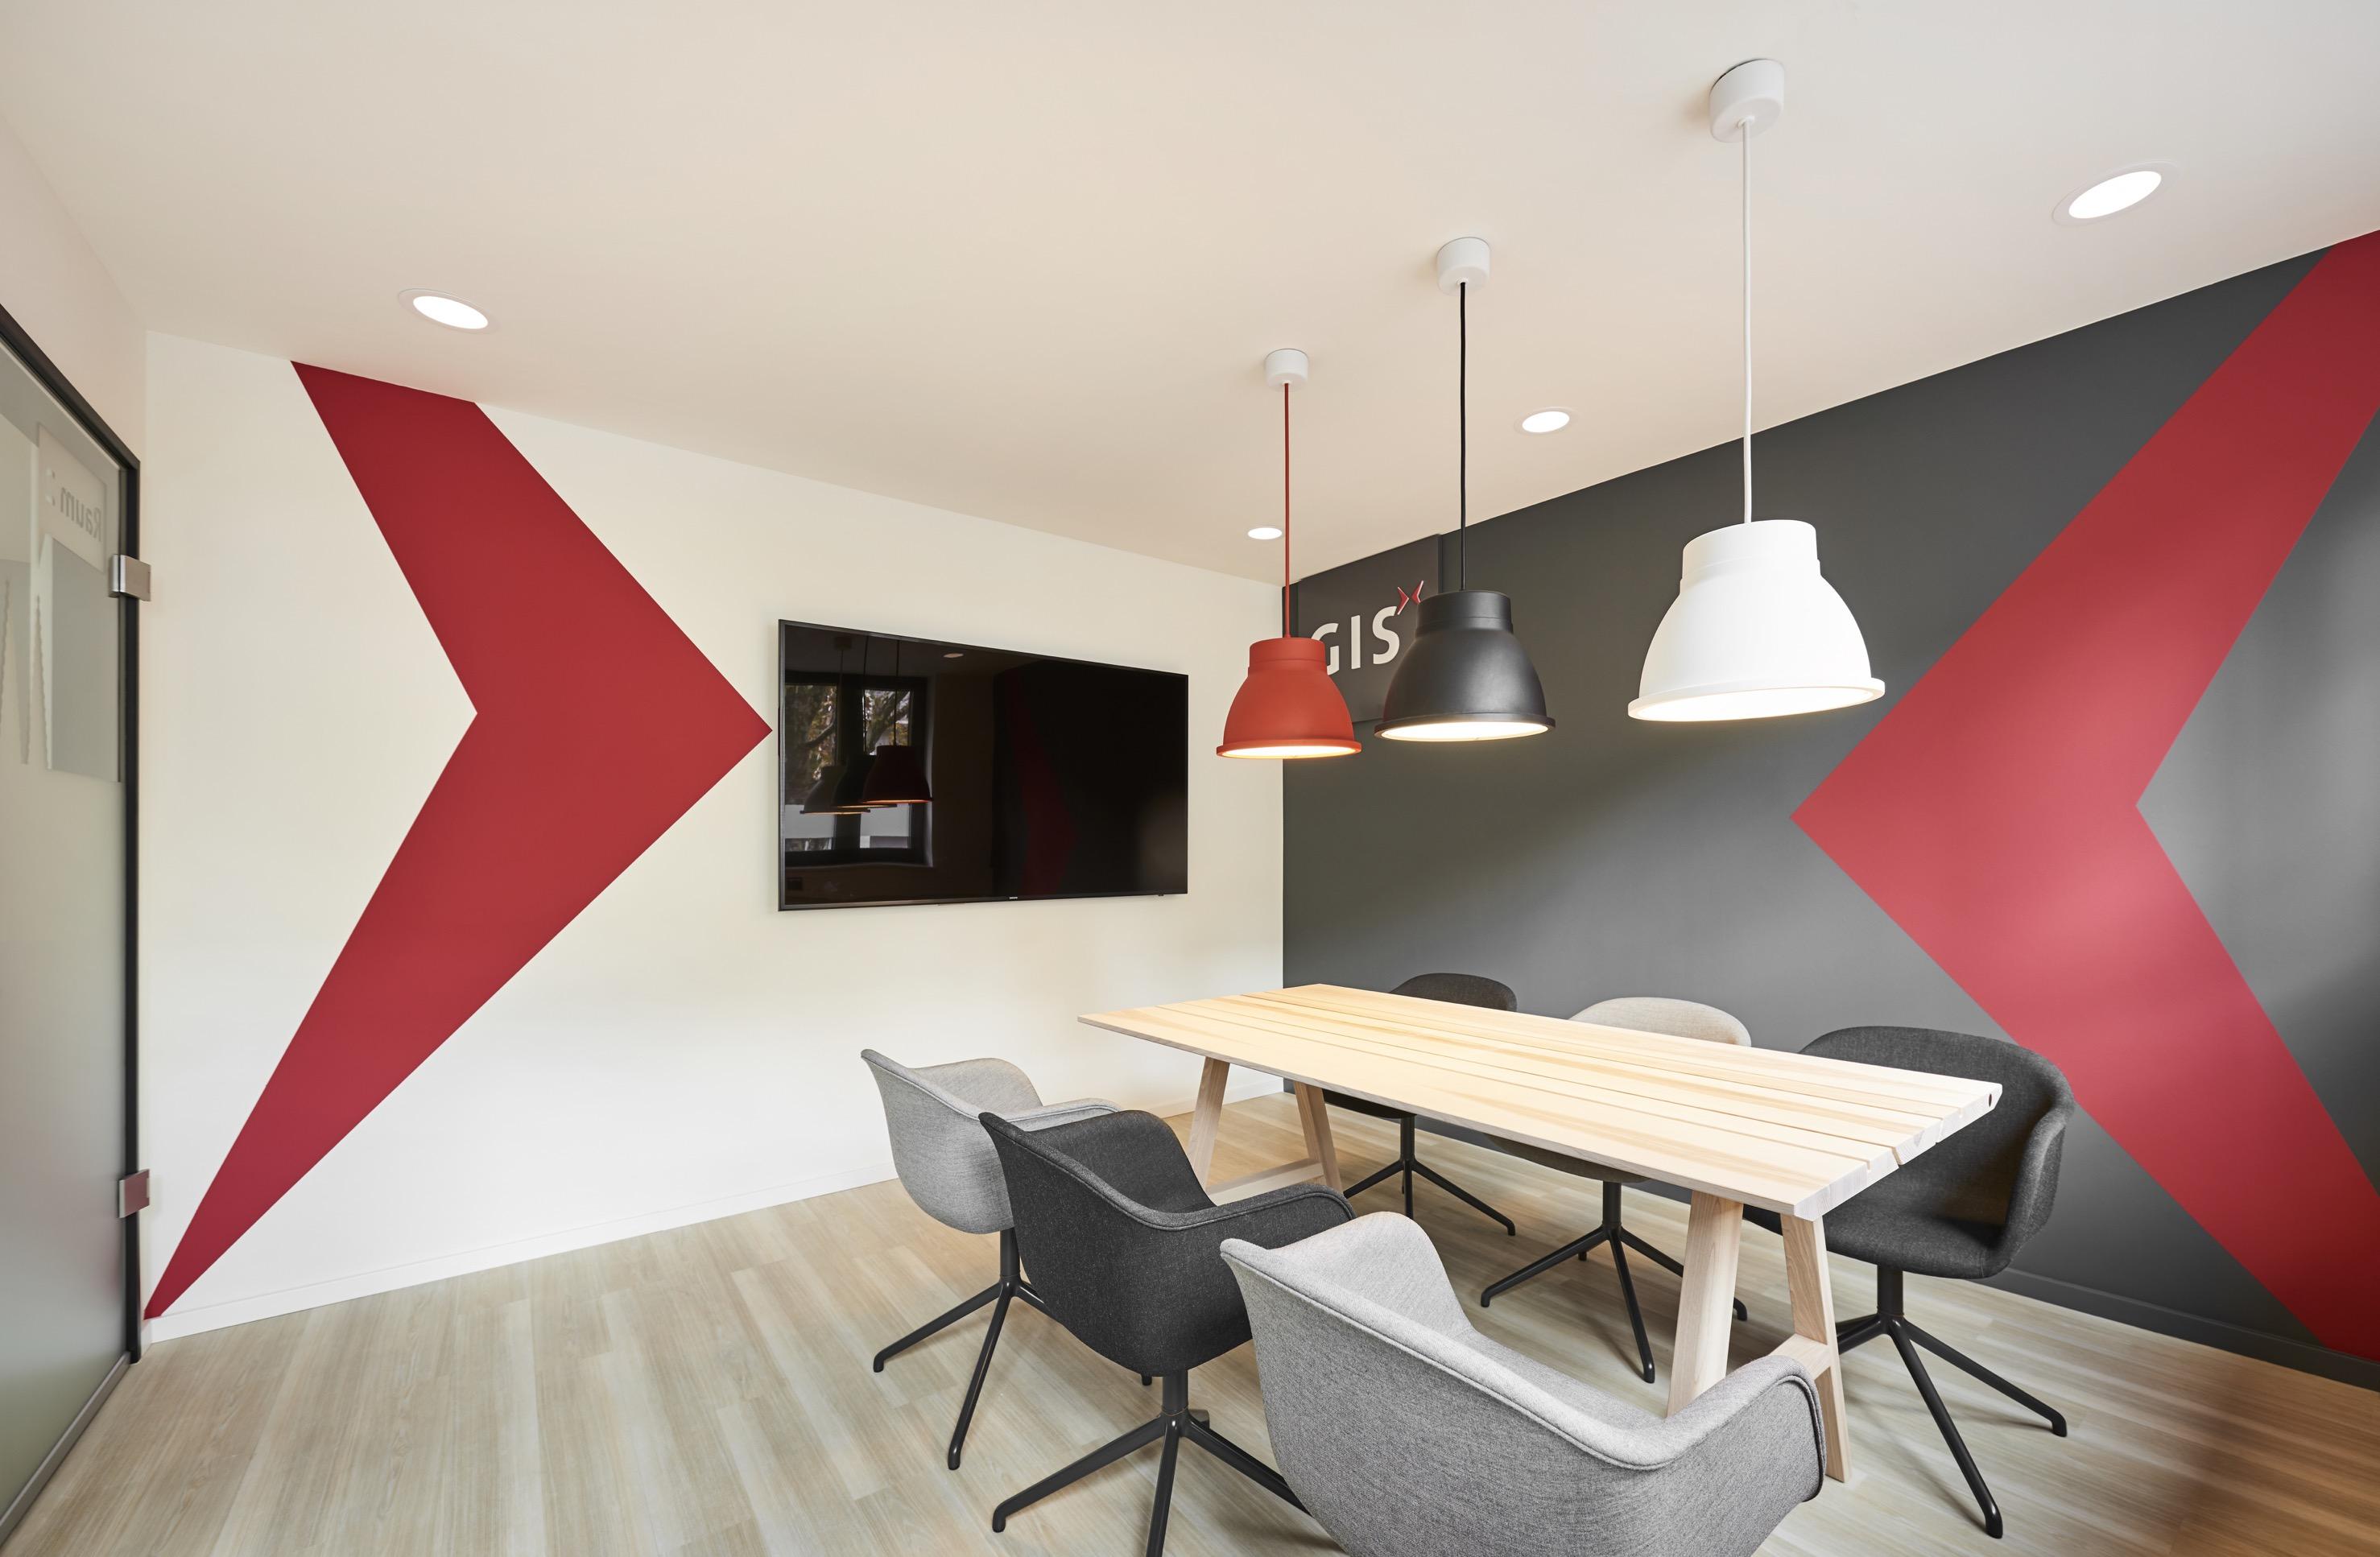 marke im raum erzeugt arbeitspl tze mit wohlf hlcharakter h1com ihre agentur f r. Black Bedroom Furniture Sets. Home Design Ideas